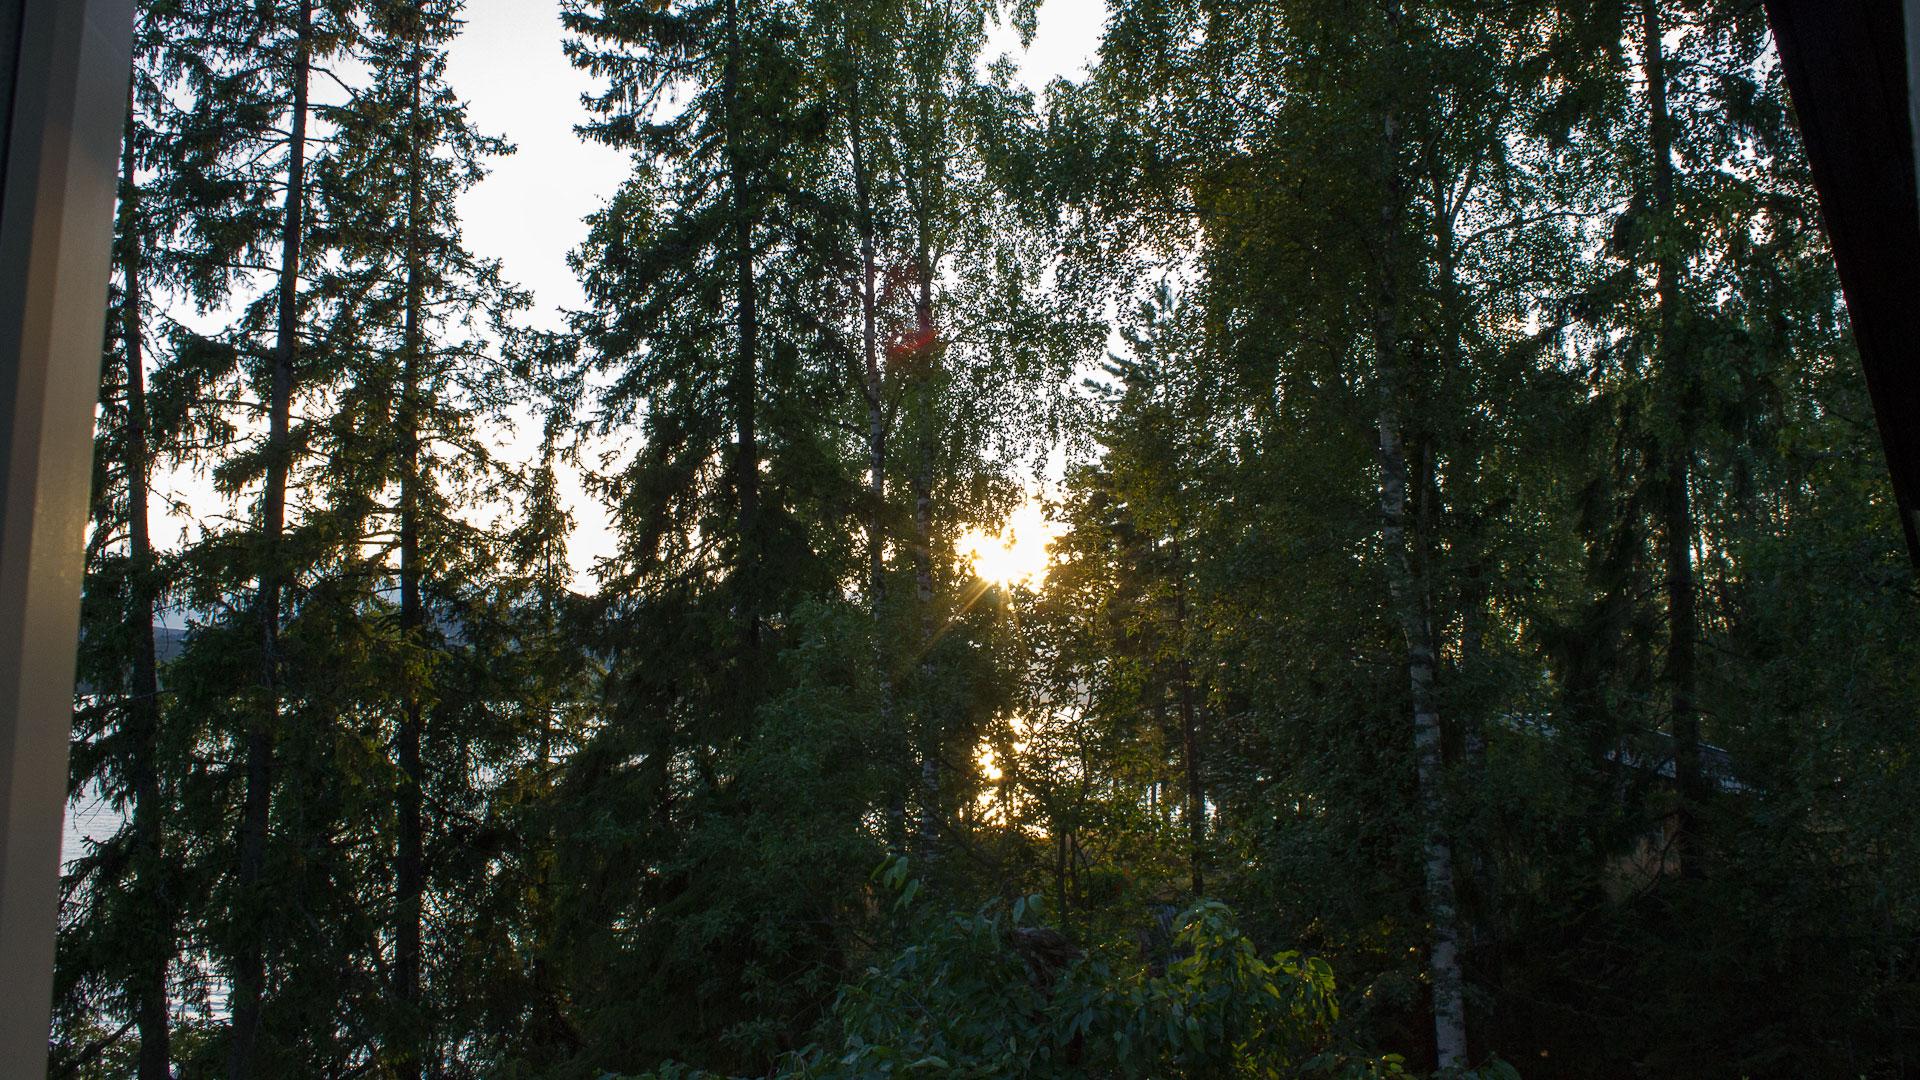 Evening in Norway